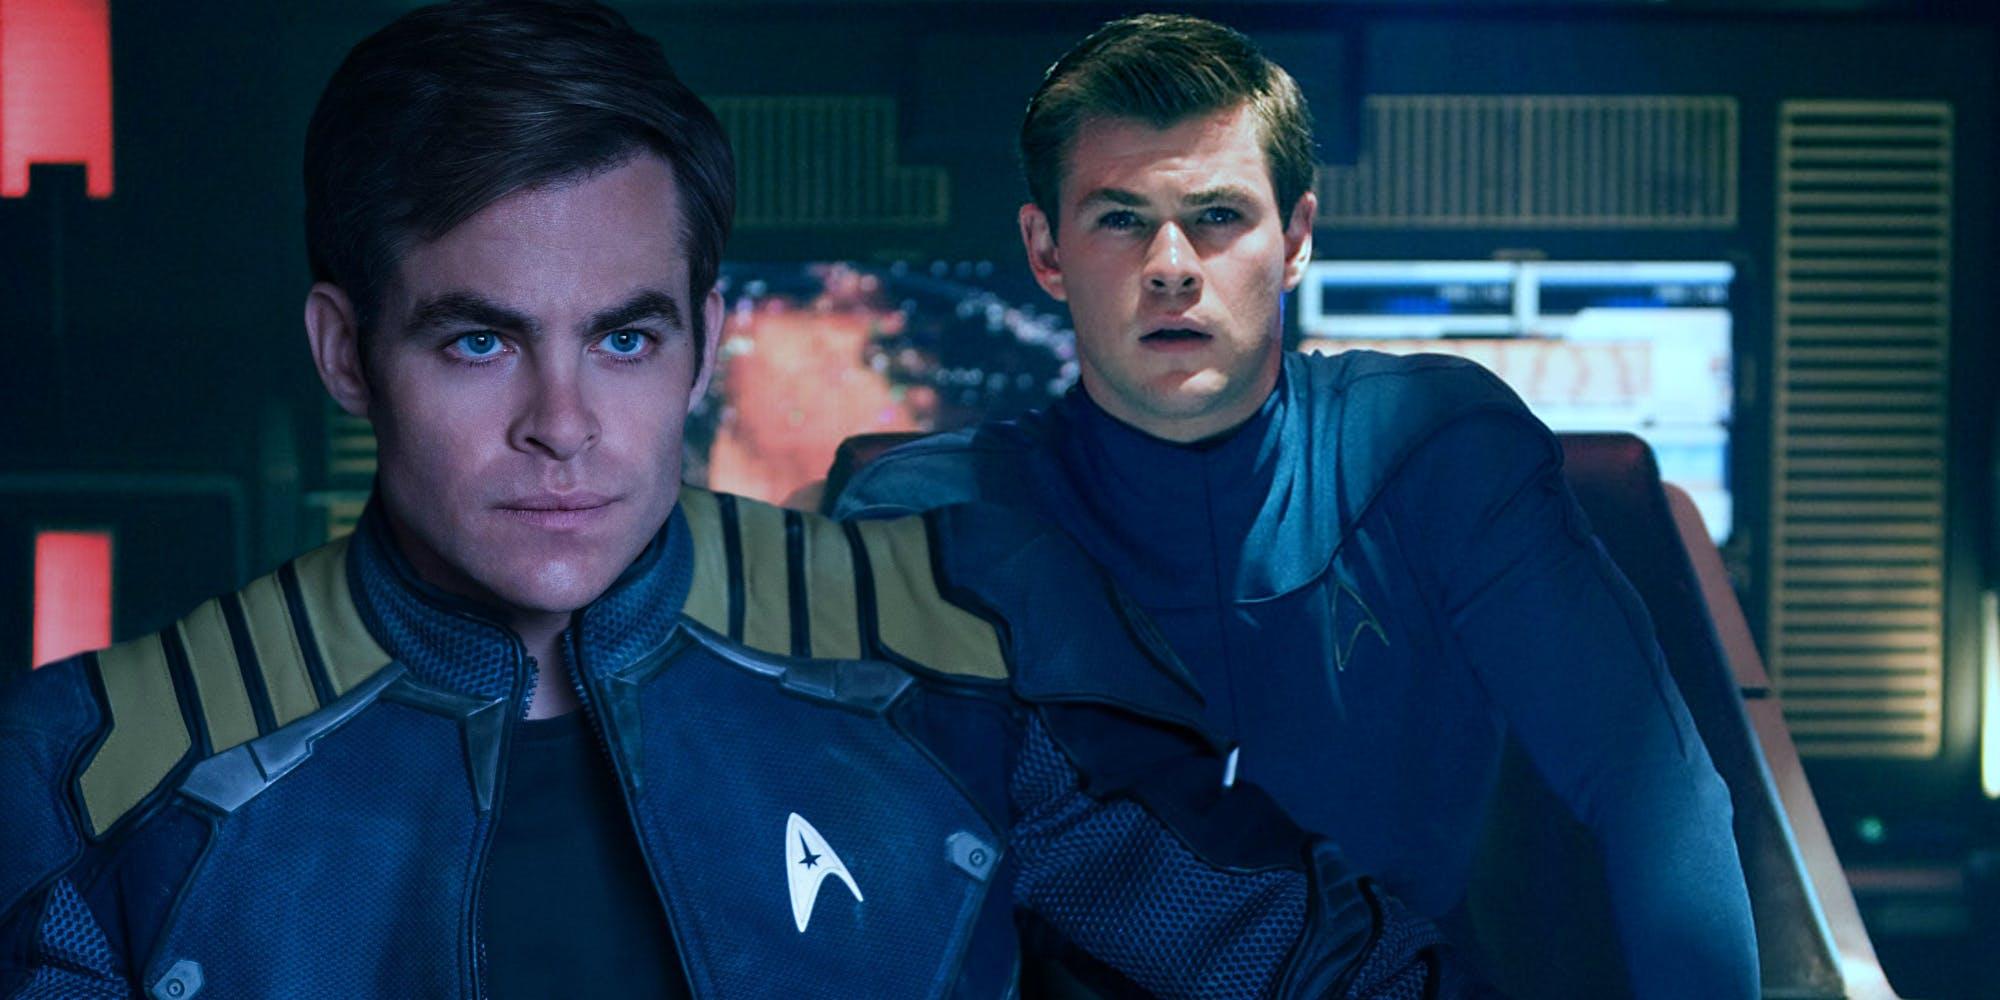 «Звёздный путь 4» может остаться без Криса Хемсворта и Криса Пайна